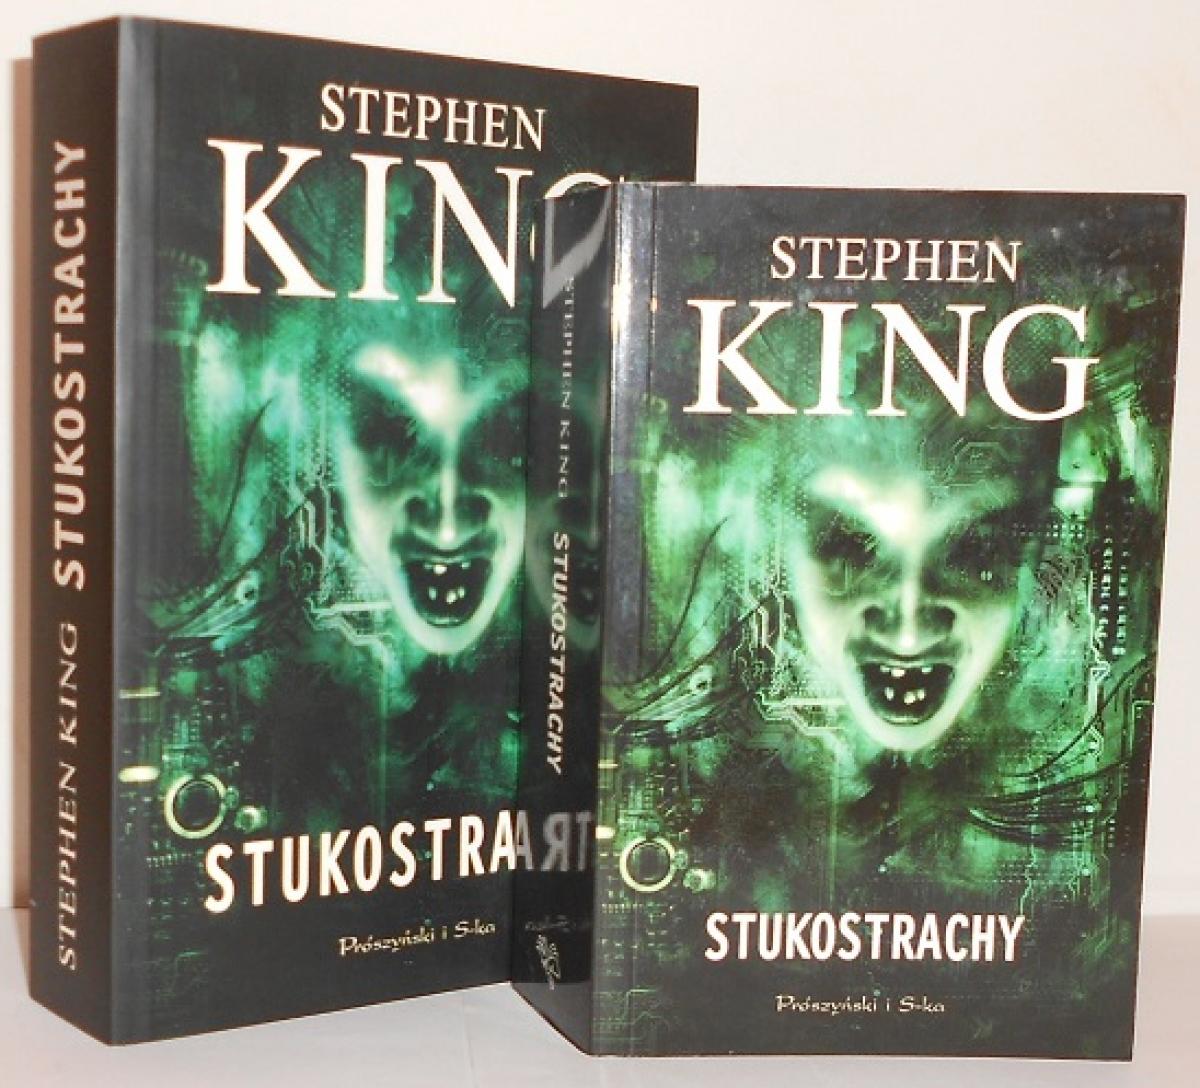 """""""Stukostrachy"""" - książka w wydaniu standardowym i kieszonkowym - obrazek"""